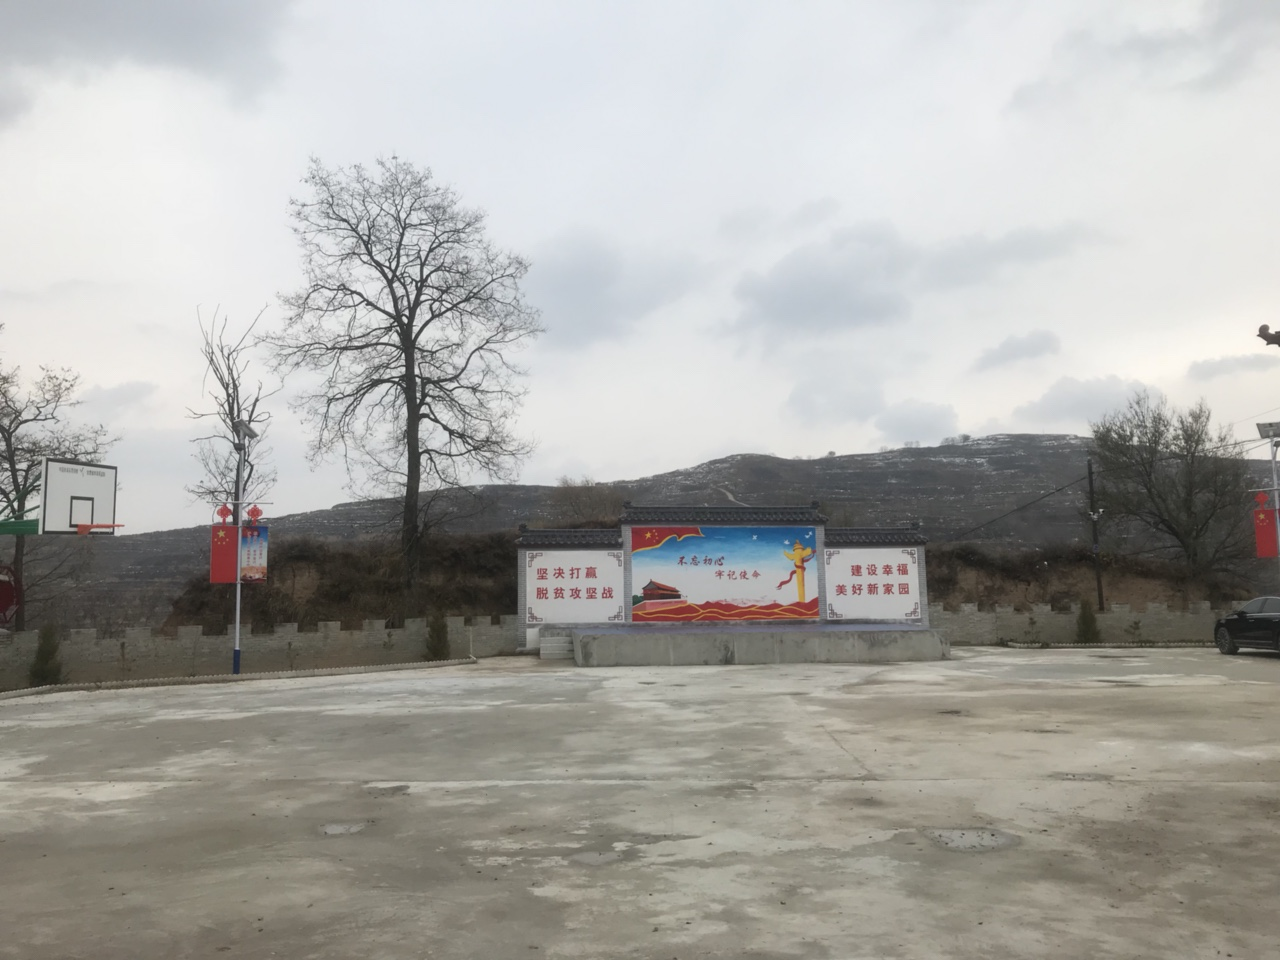 乡愁:胡川夏堡,一个并没有堡子的村庄